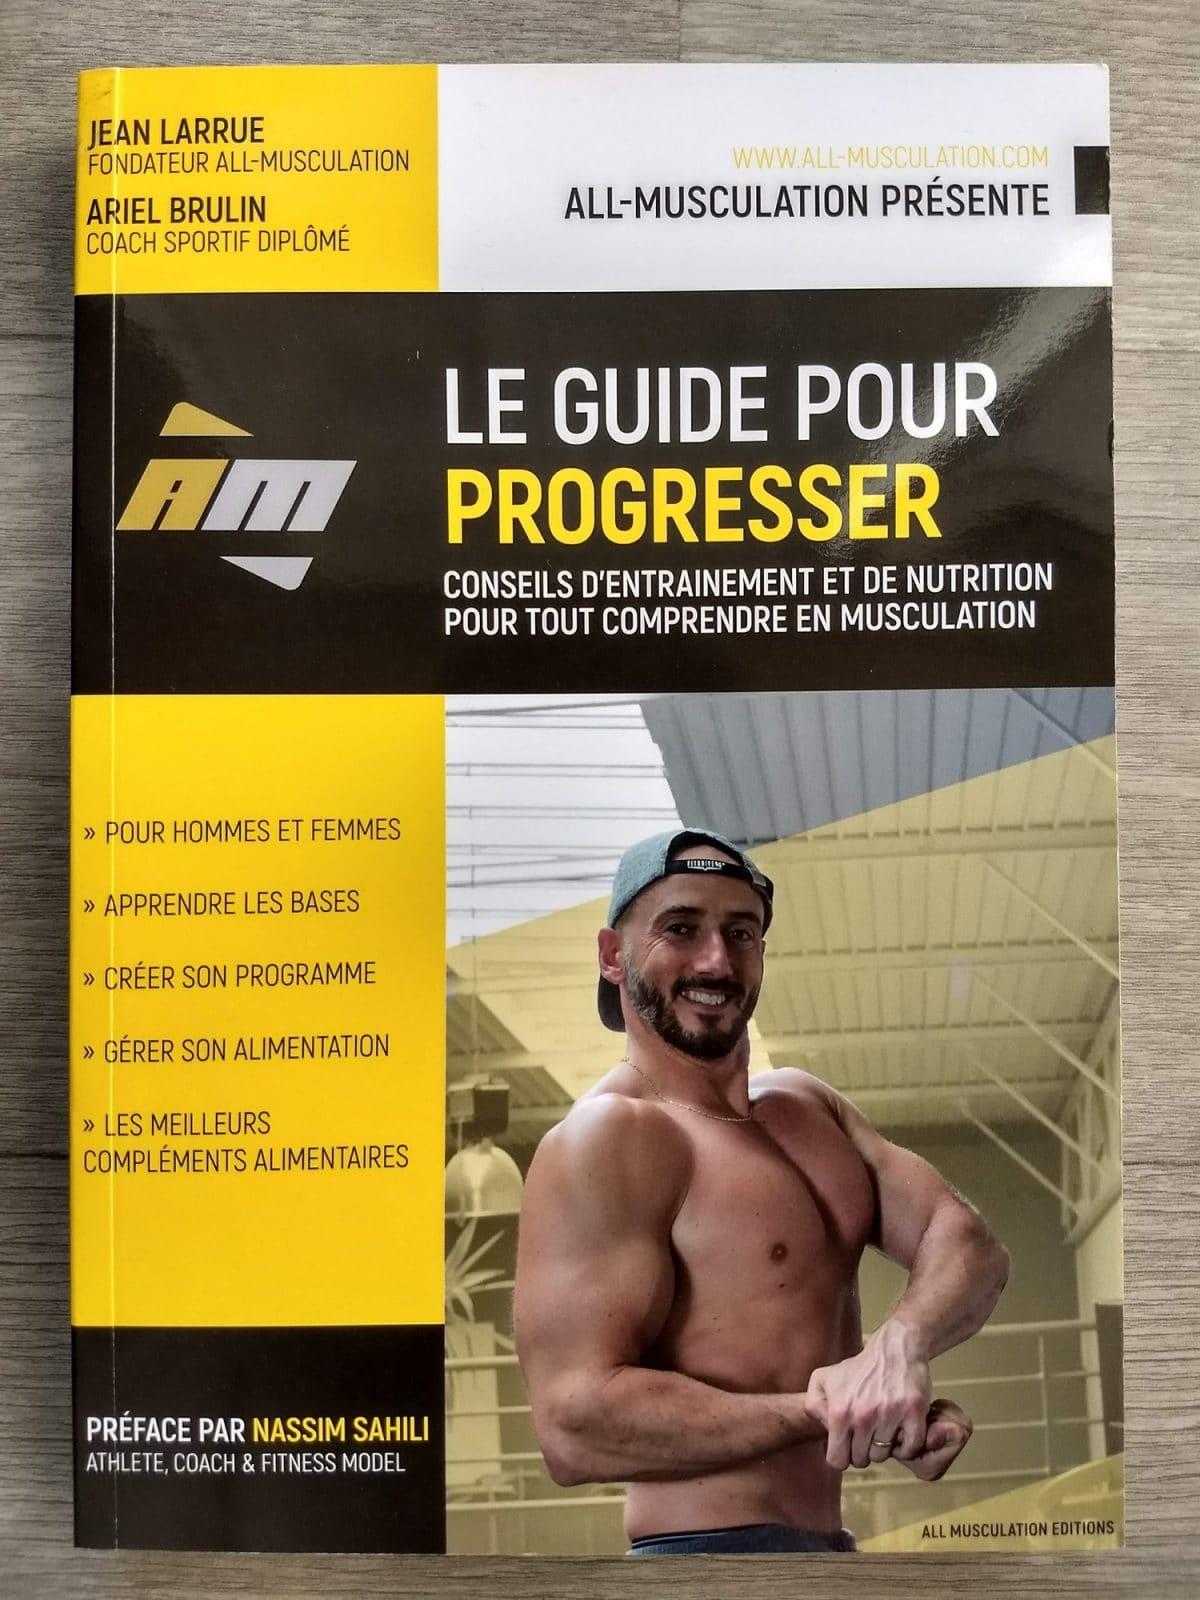 Livre Le guide pour progresser Jean Larrue All Musculation avis